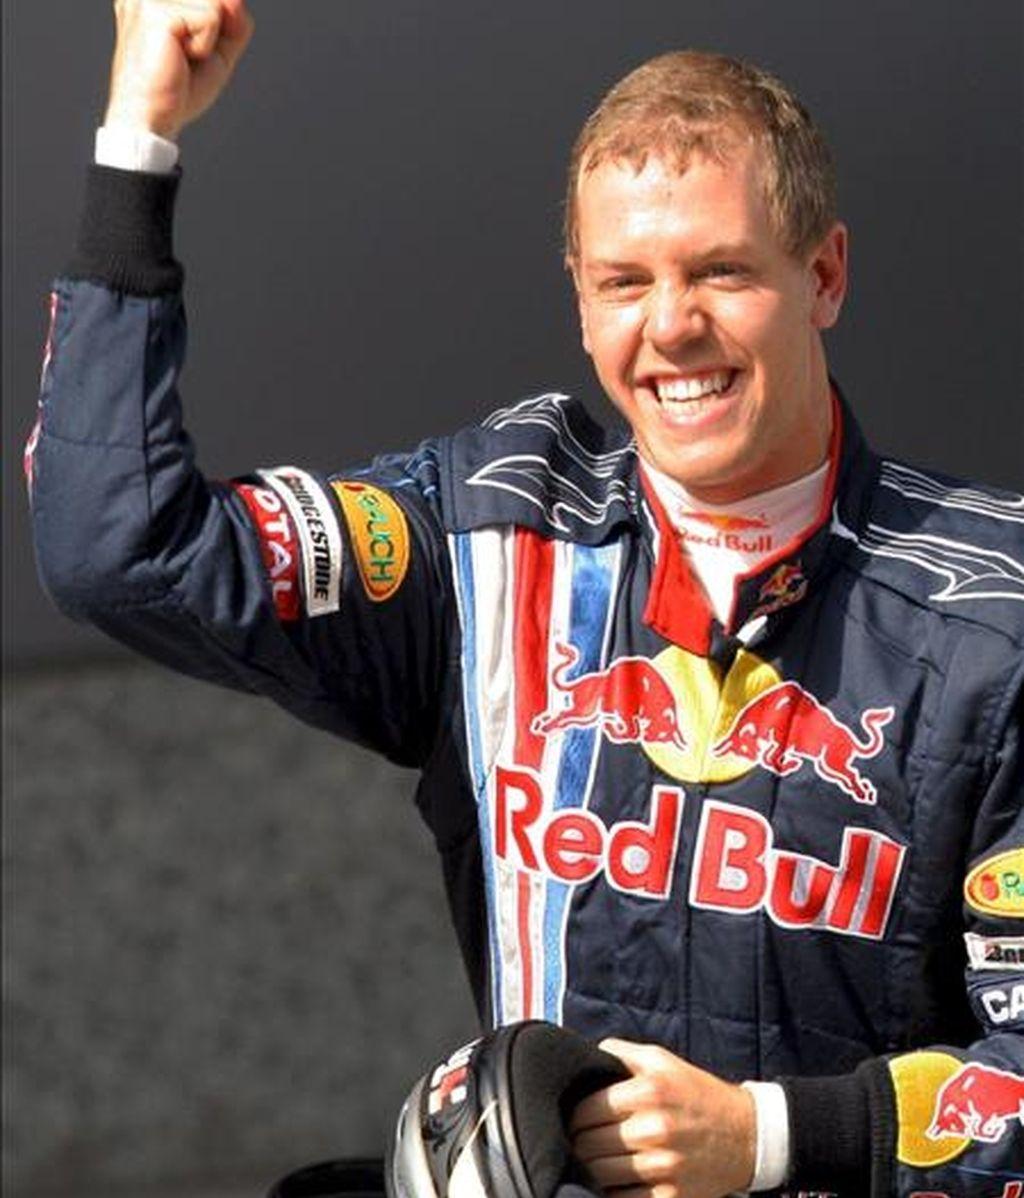 El piloto alemán Sebastian Vettel, de la escudería Red Bull, celebra la 'pole' conseguida en la sesión clasificatoria para el Gran Premio de China de Fórmula Uno, hoy en Shangai. EFE